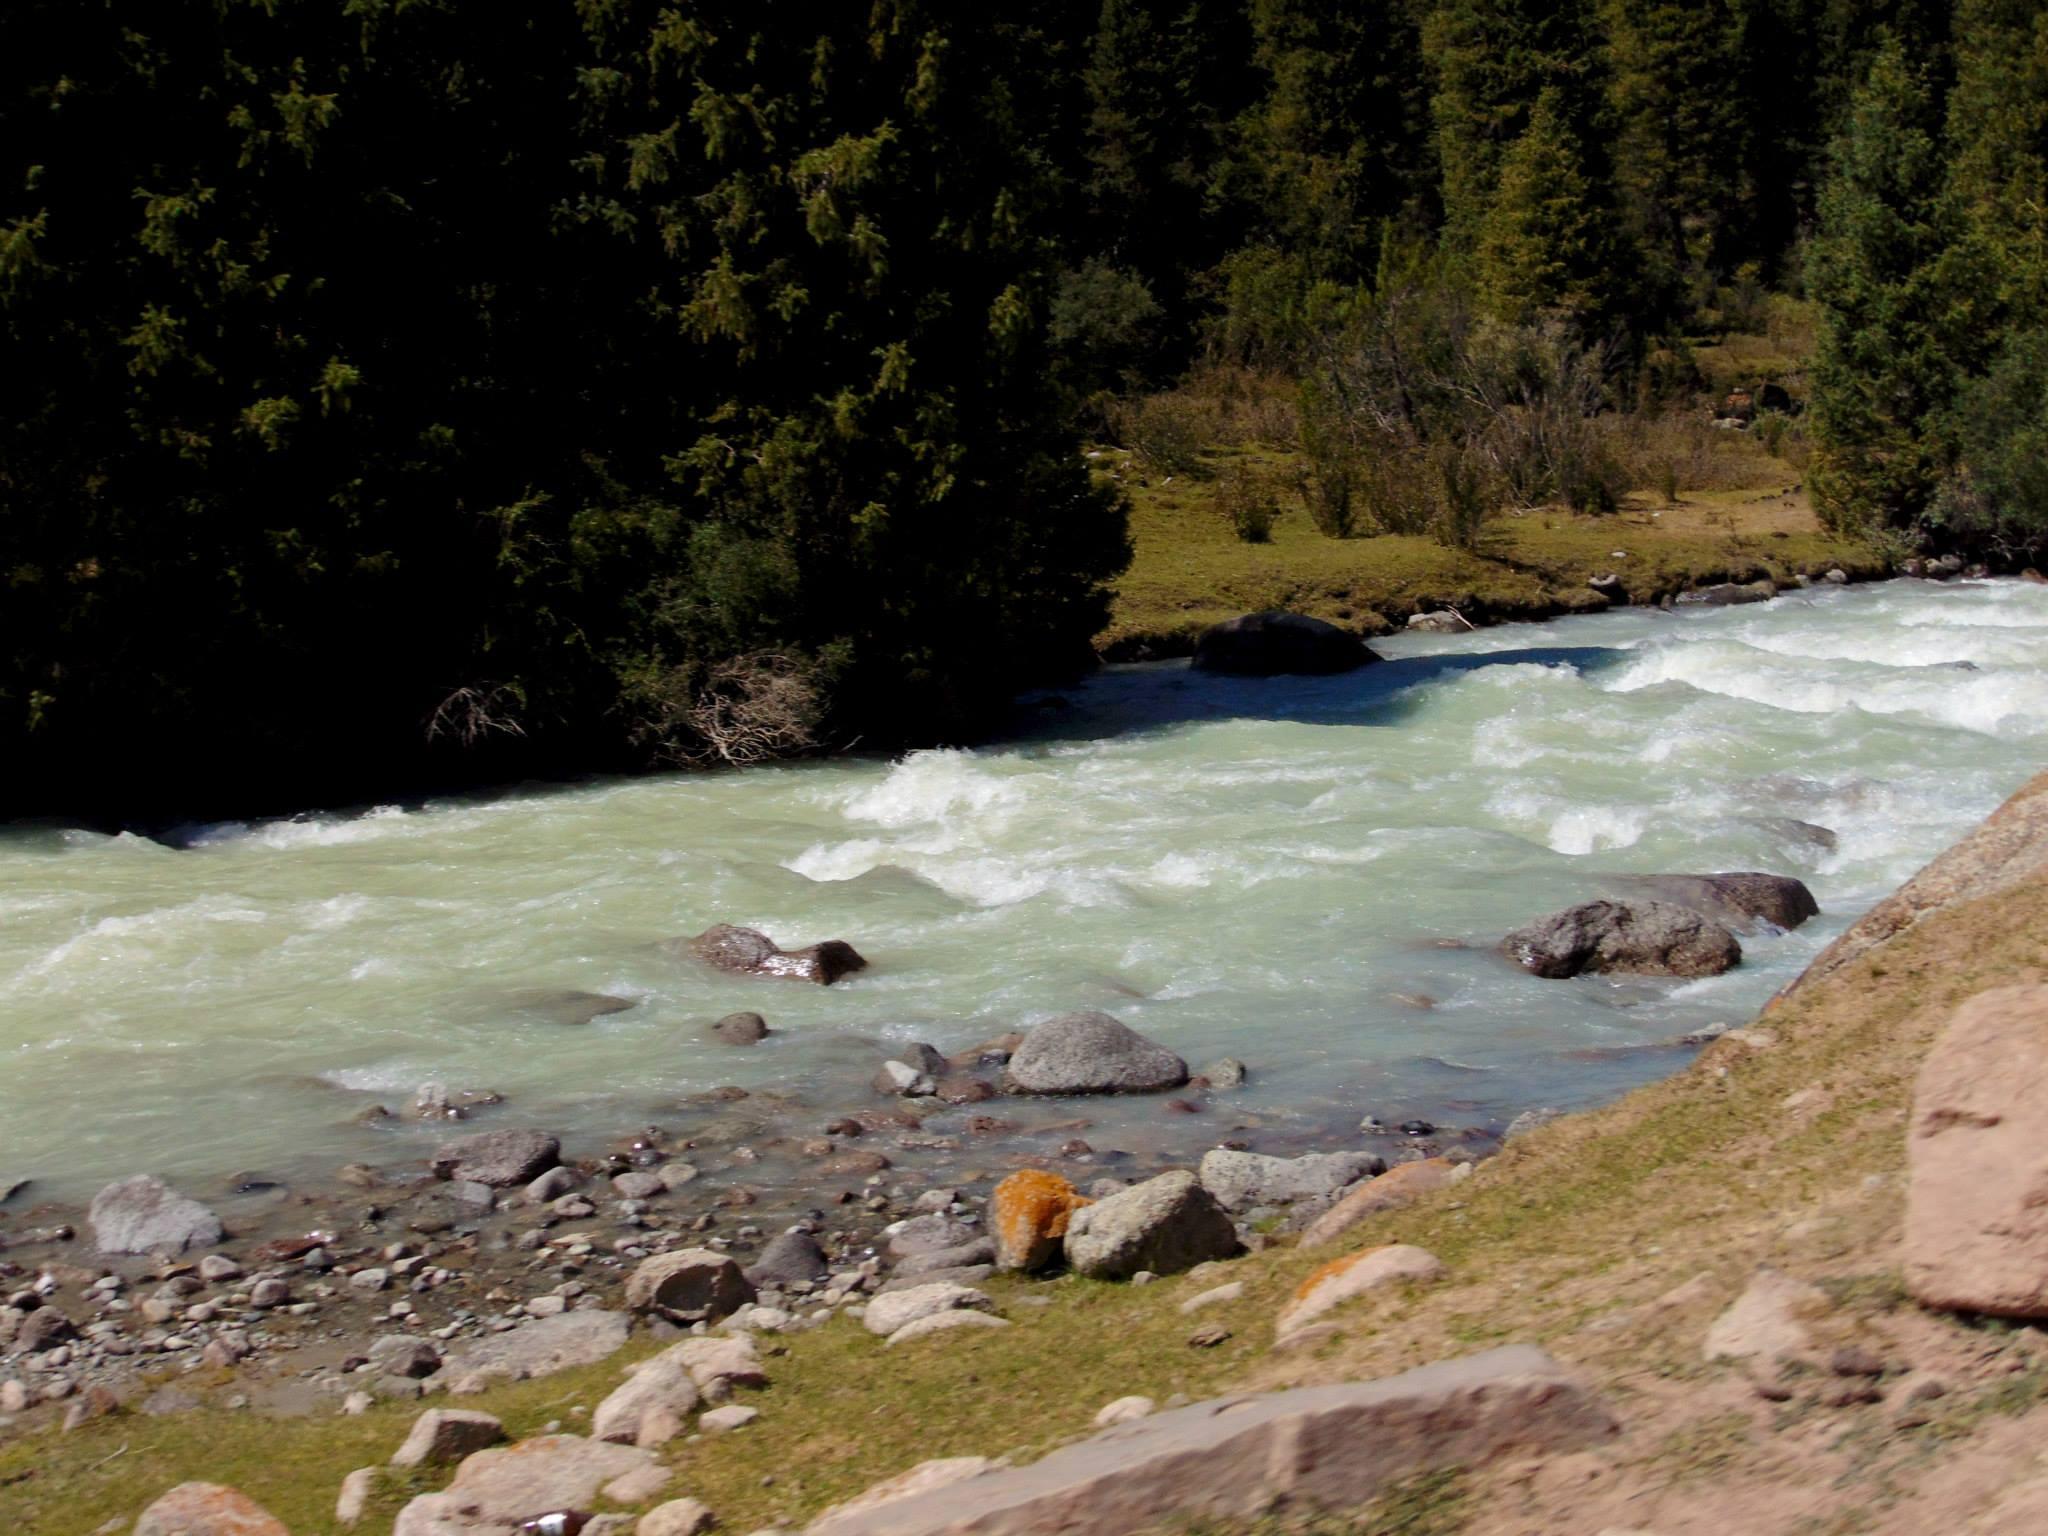 река в горах. джалал-абад. ферганская долина. предгорье тянь-шаня. путешествия кати. киргизия